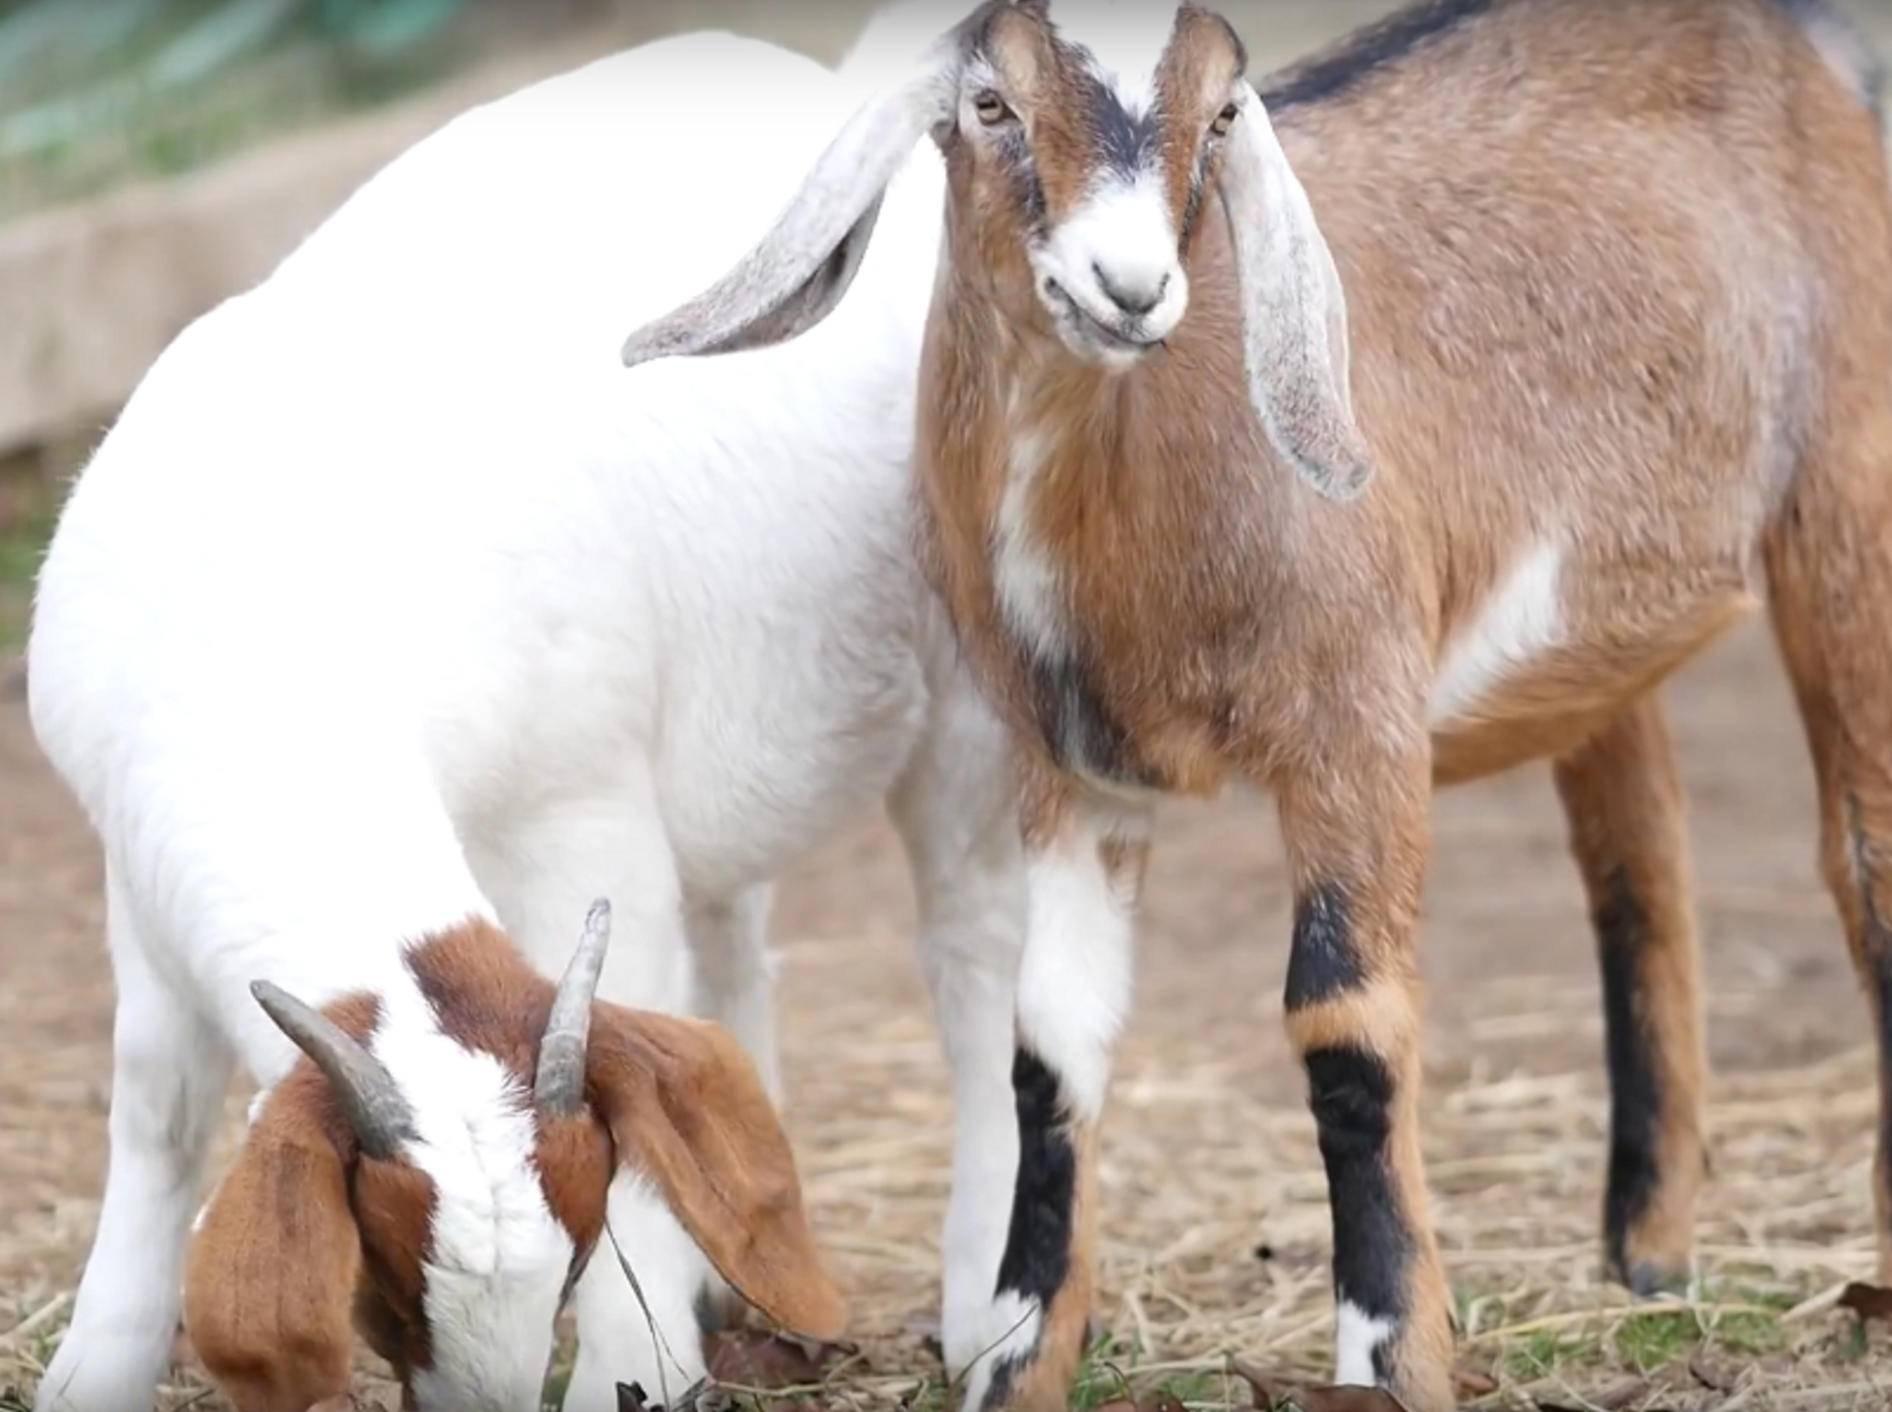 Die beiden Ziegenfreunde machen einfach alles gemeinsam! Wie süß! – YouTube / farmsanctuary1